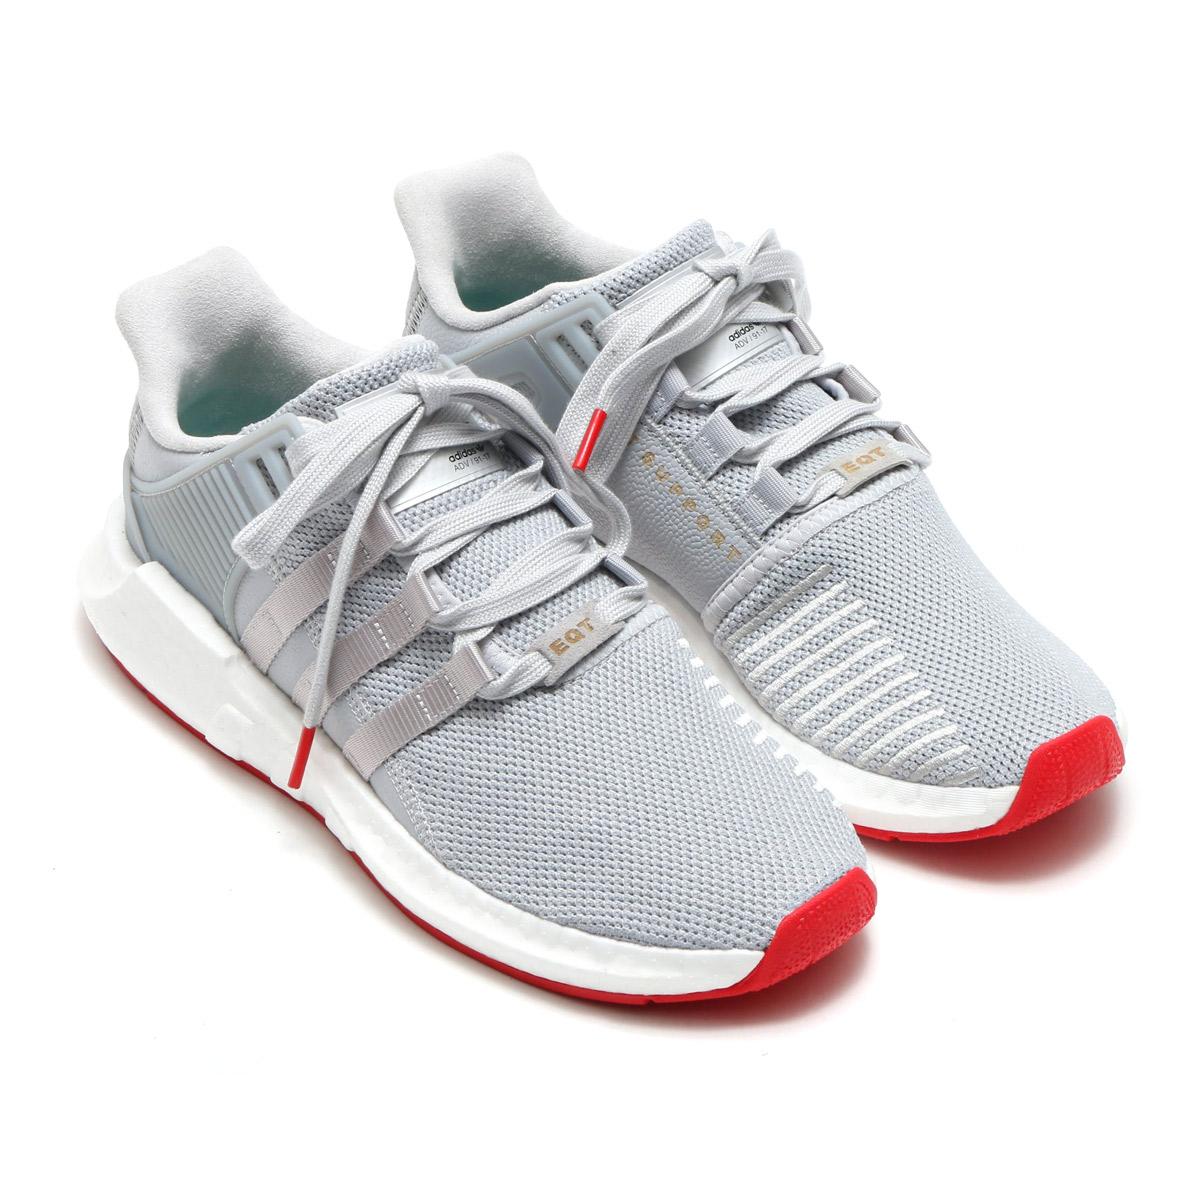 【全商品オープニング価格 特別価格】 adidas Originals EQT SUPPORT 93/17)Matte/ 93/17(アディダス Running オリジナルス イーキューティー サポート 93/17)Matte Silver/Matte Silver/ Running White18SS-I, 壁面収納 可動棚 スティックス:7e2a45d8 --- paulogalvao.com